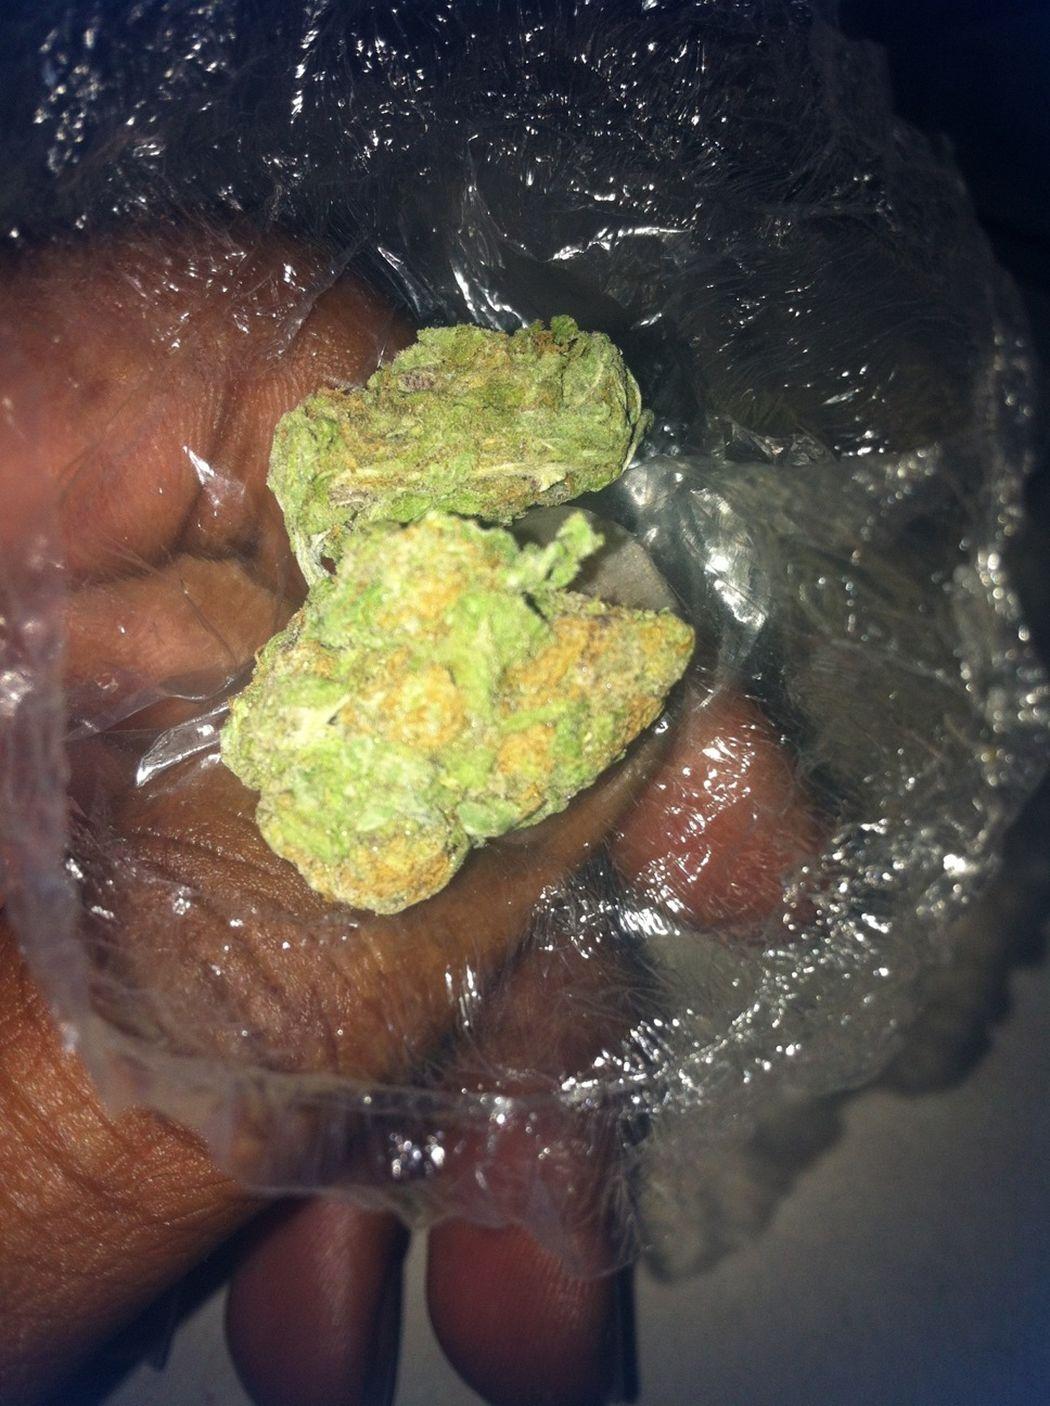 Smoking On Purp